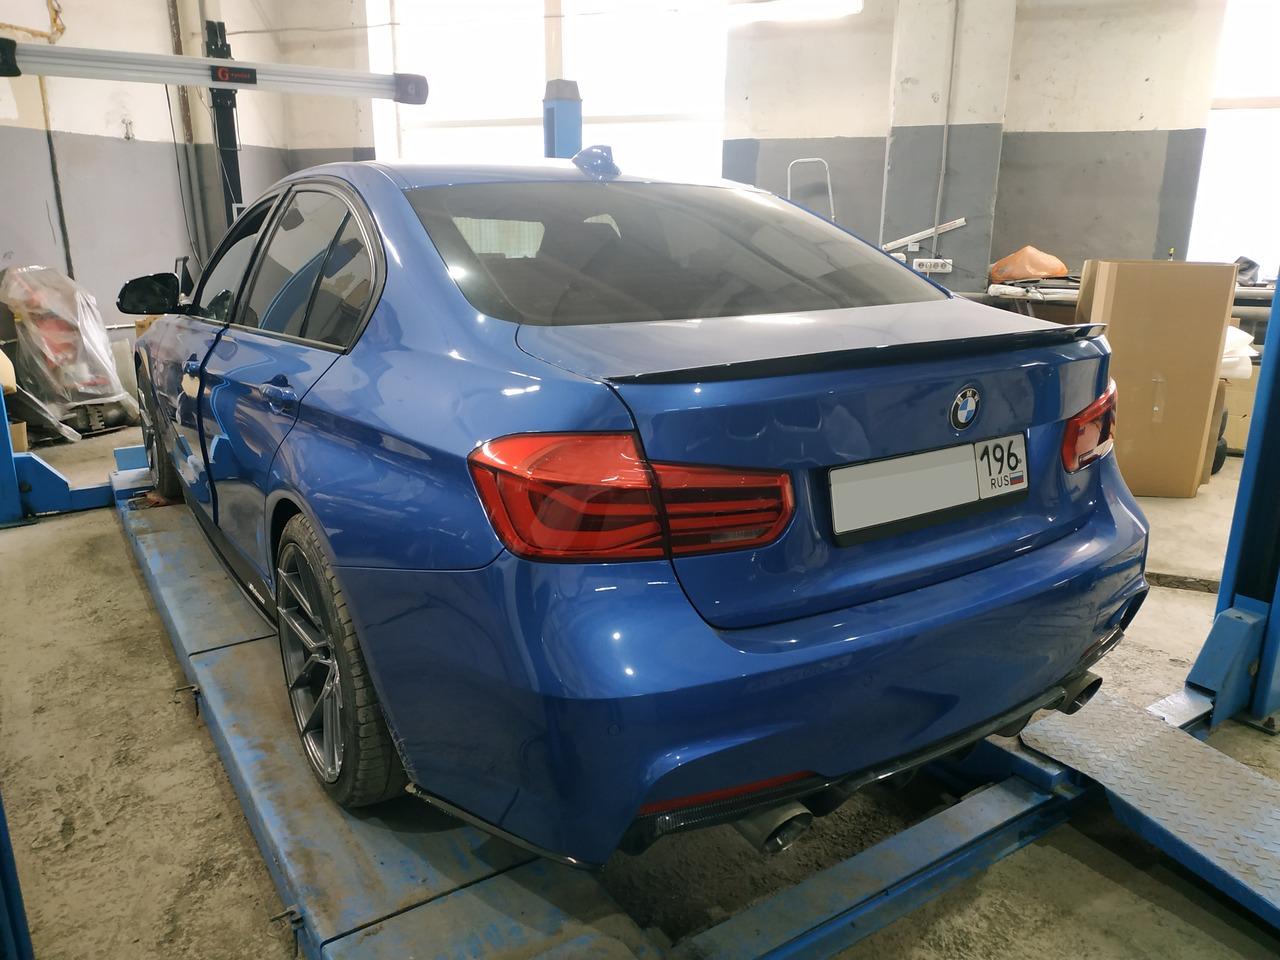 BMW F30 320dX